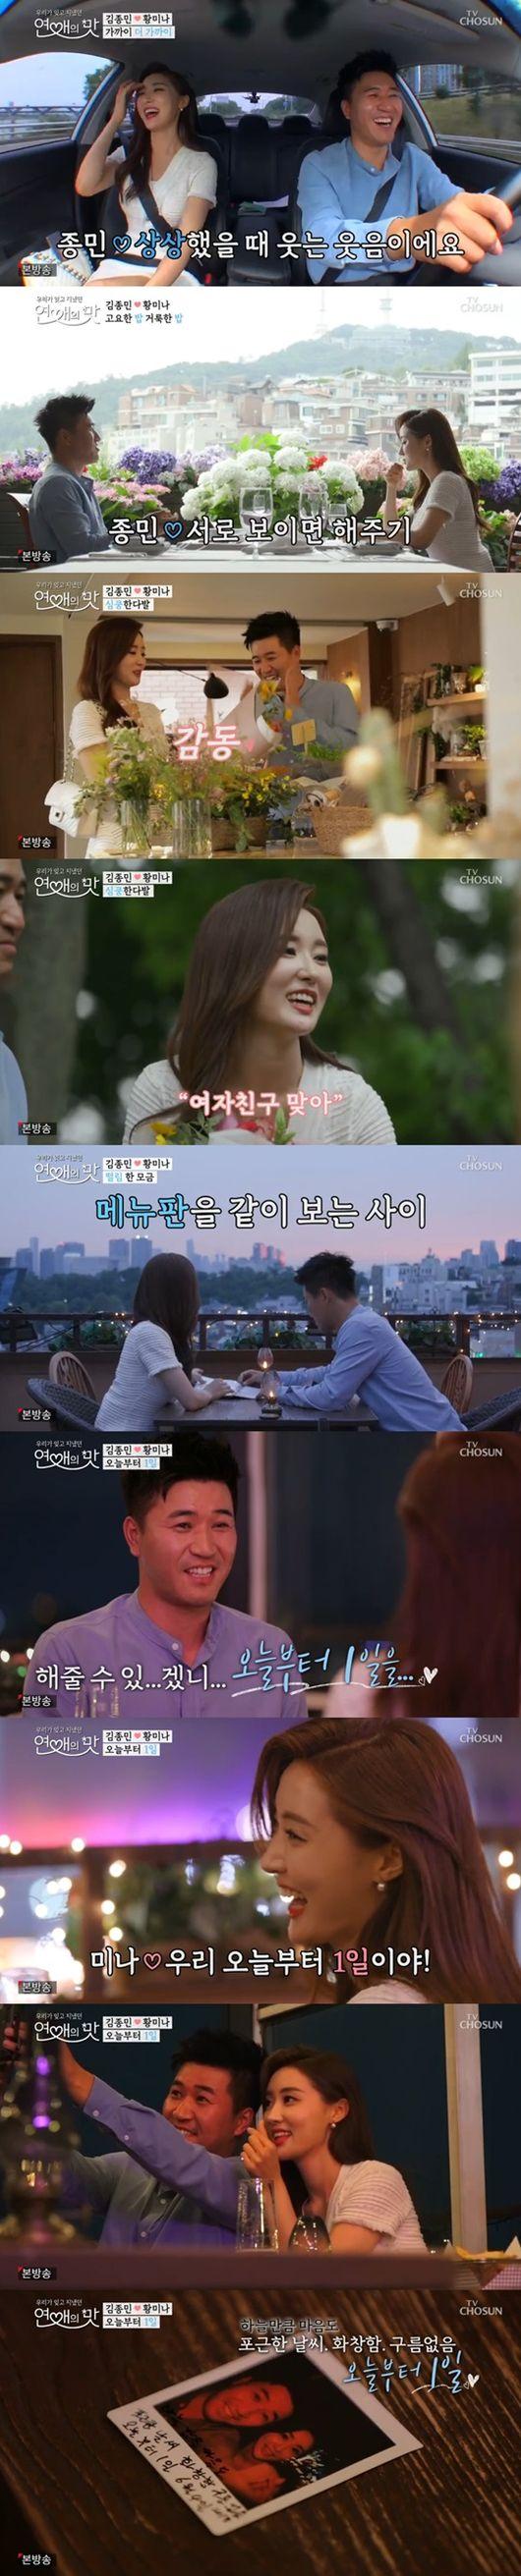 연애의 맛 김종민, 황미나와 핑크빛 소개팅 오늘부터 1일 [Oh!쎈 리뷰]